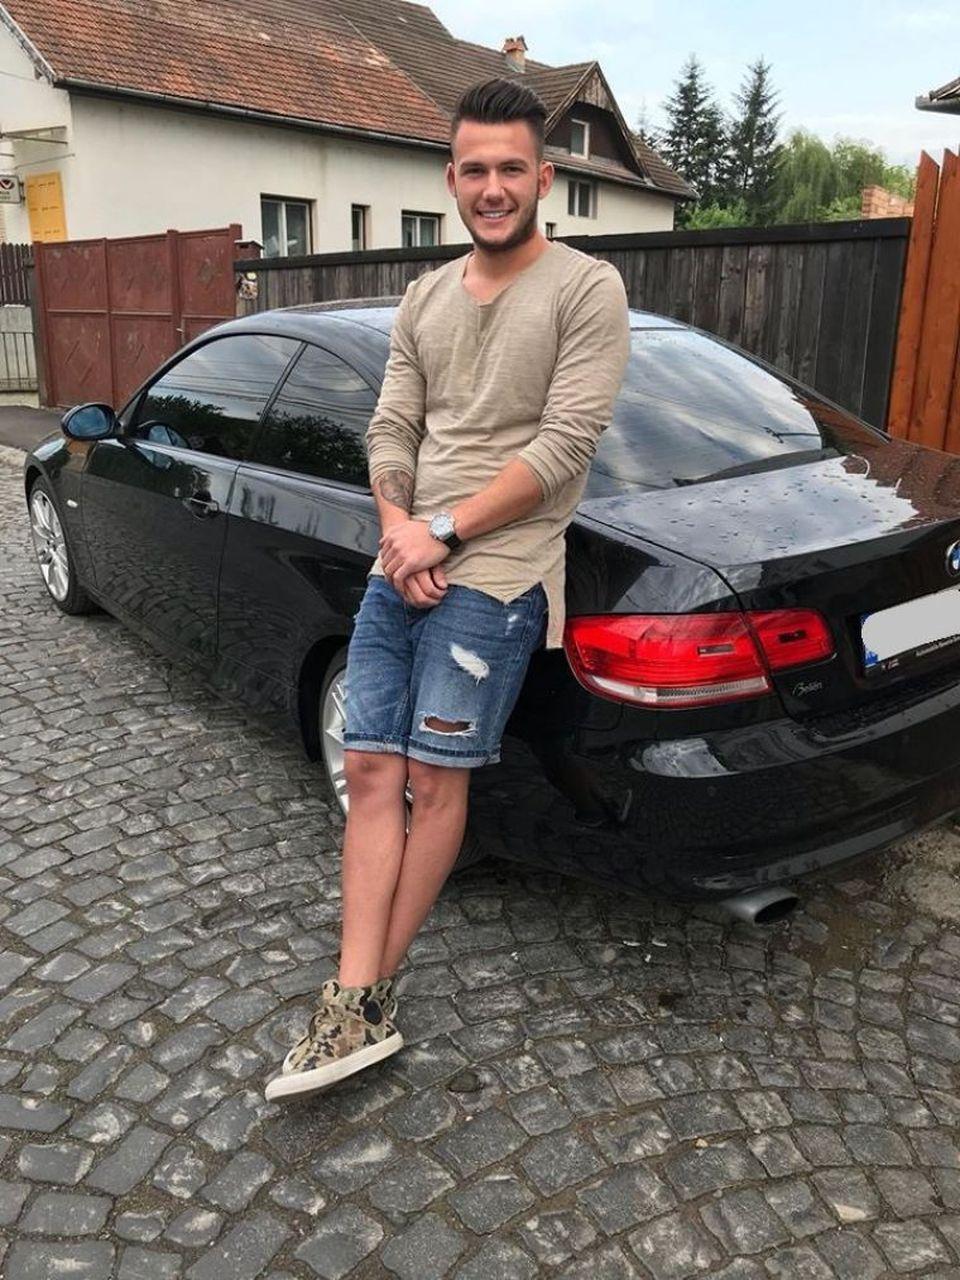 Mașina lui Ricardo de la Puterea Dragostei, implicată într-un accident! Ce se întâmplă acum cu fostul concurent